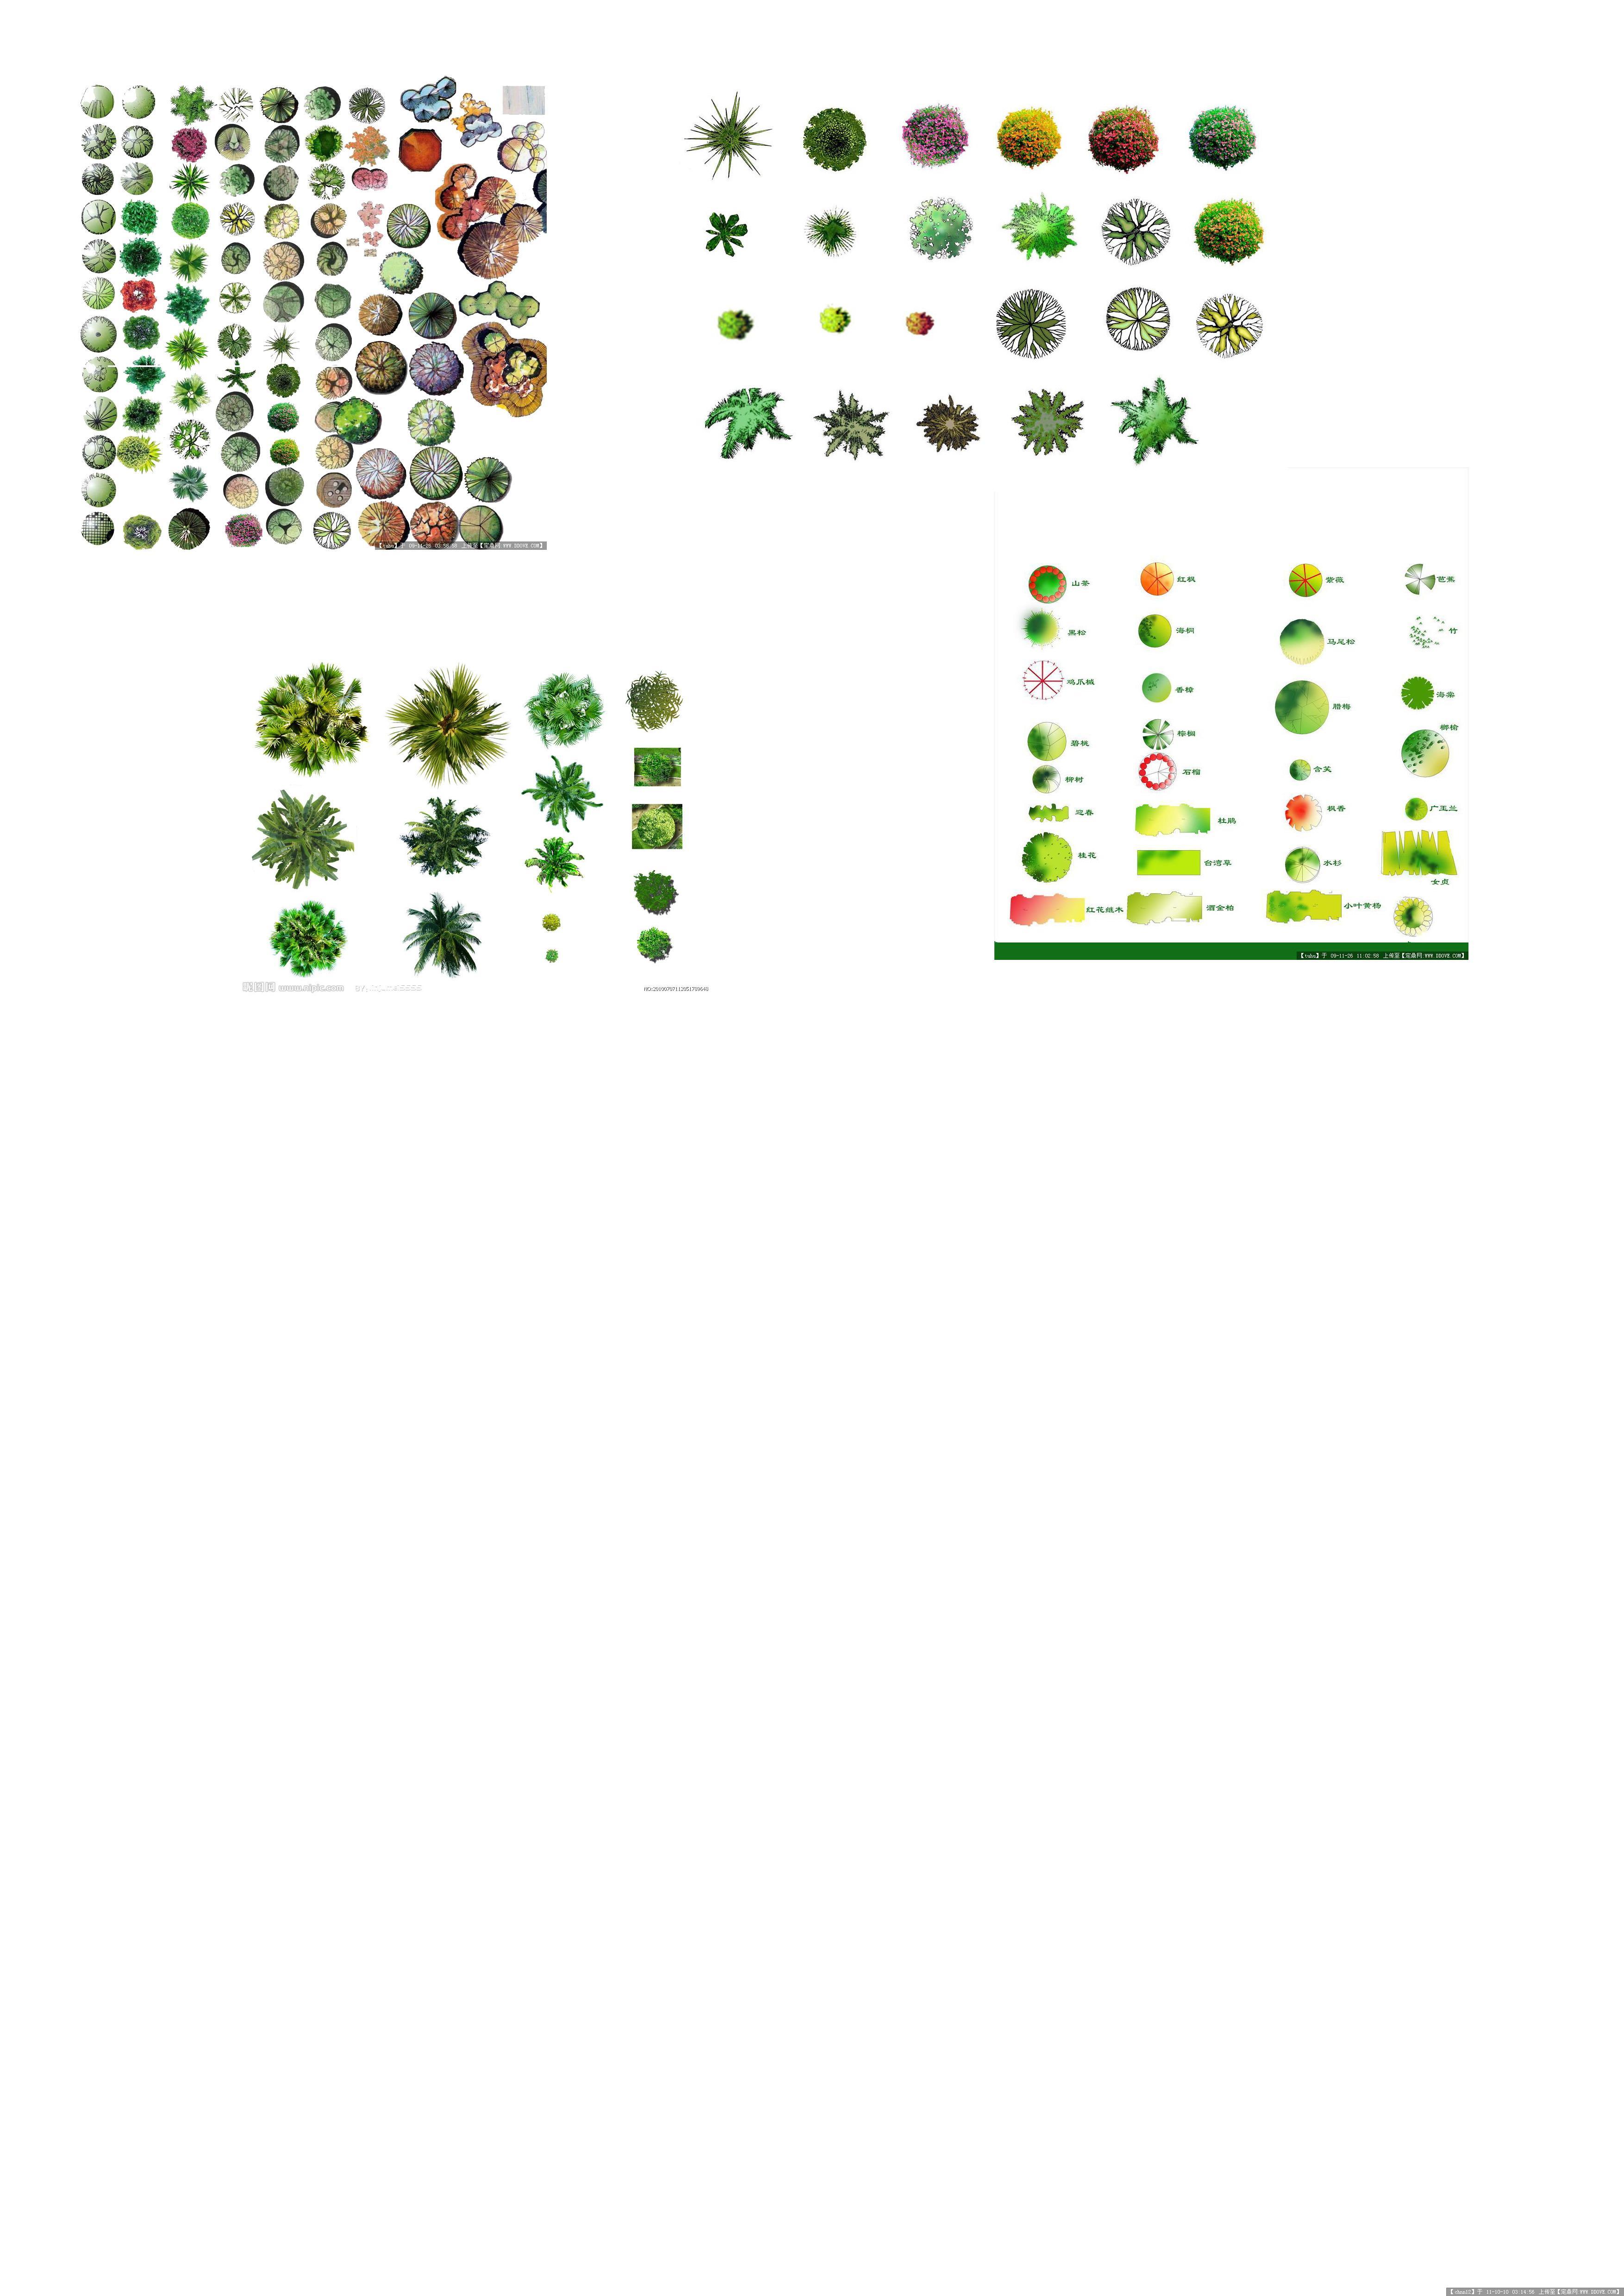 植物平面图例的图片浏览,配景素材,园林植物,园林建筑